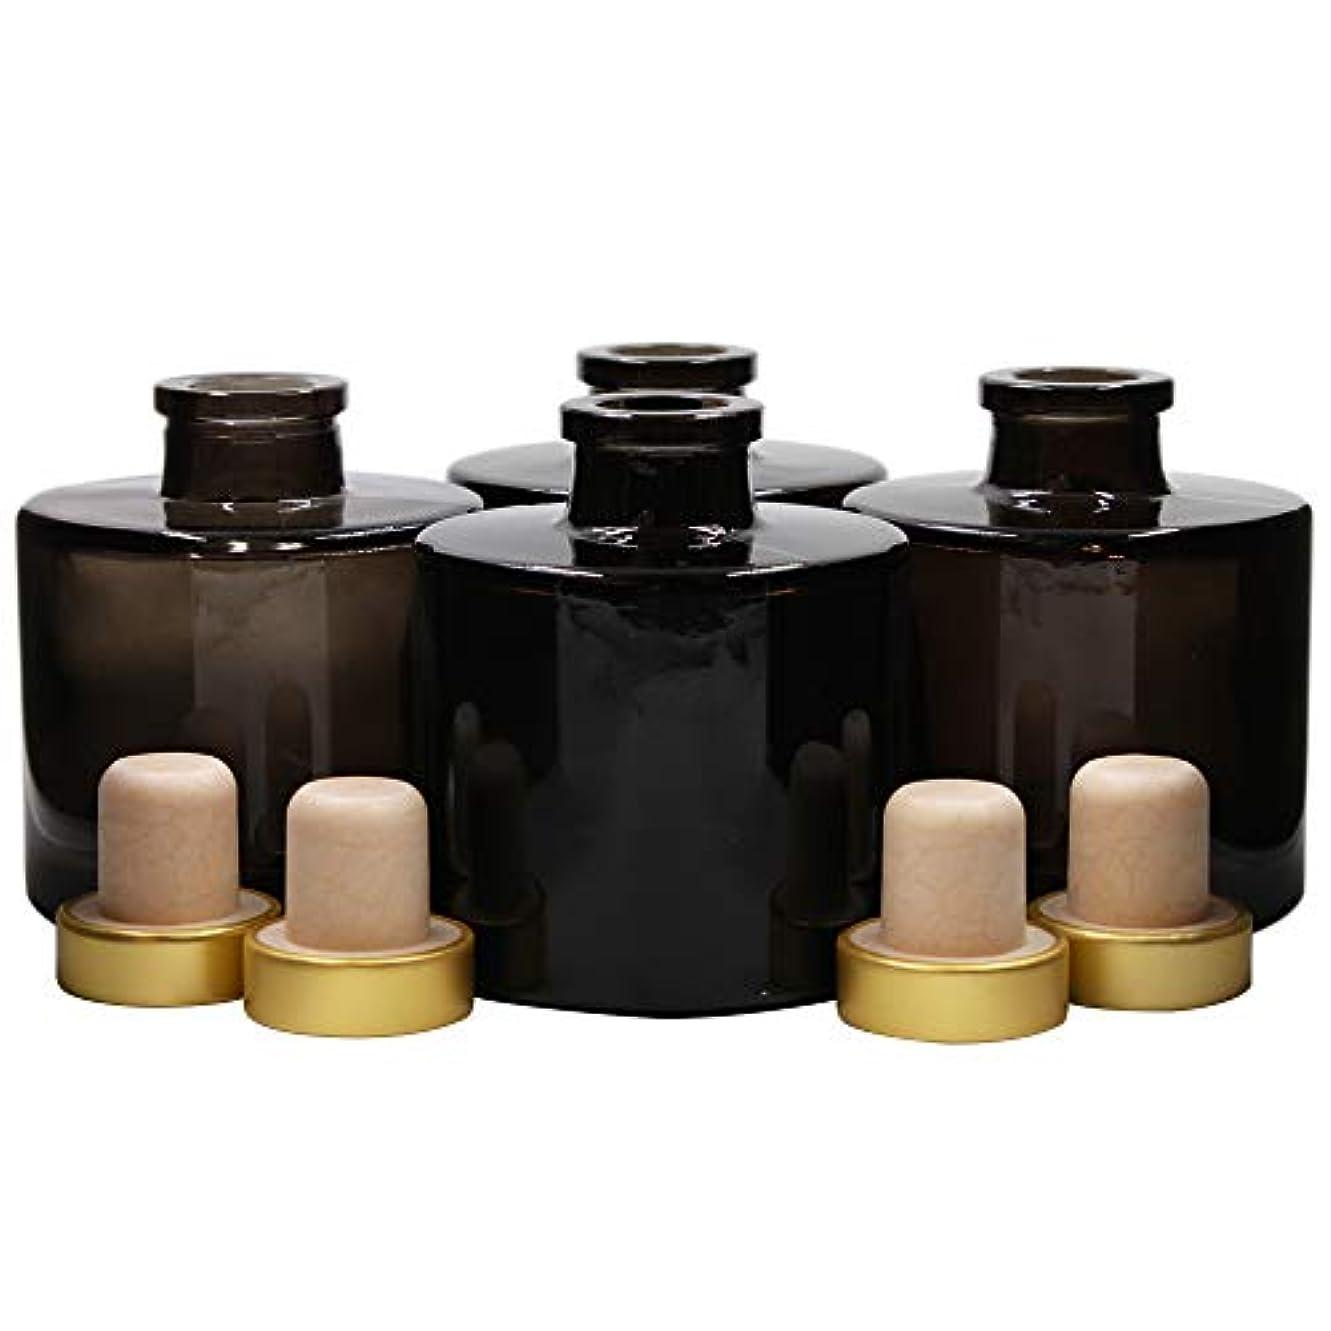 風合併症きらきらFeel Fragrance リードディフューザー用 リードディフューザーボトル 容器 黒色 蓋付き 4本セット (100ML円形)